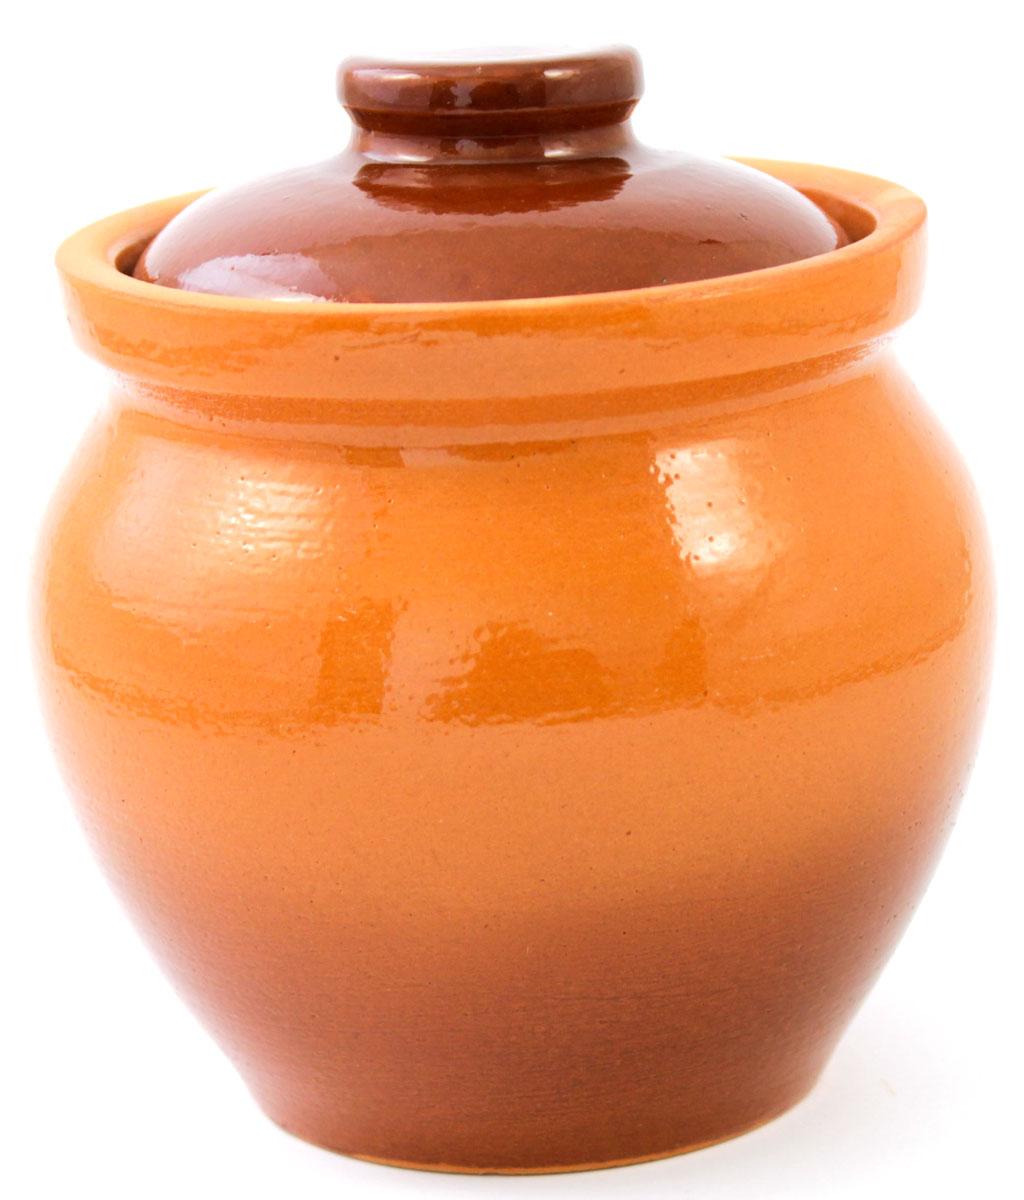 Горшок для запекания Ломоносовская керамика, с крышкой, 600 мл300196Горшок для запекания Ломоносовская керамика с крышкой выполнен из высококачественной глины. Уникальные свойства глины и толстые стенки изделия обеспечивают эффект русской печи при приготовлении блюд. Блюда, приготовленные в керамическом горшке, получаются нежными исочными. Вы сможете приготовить мясо, сделать томленые овощи и все это без капли масла. Этоодин из самых здоровых способов готовки.